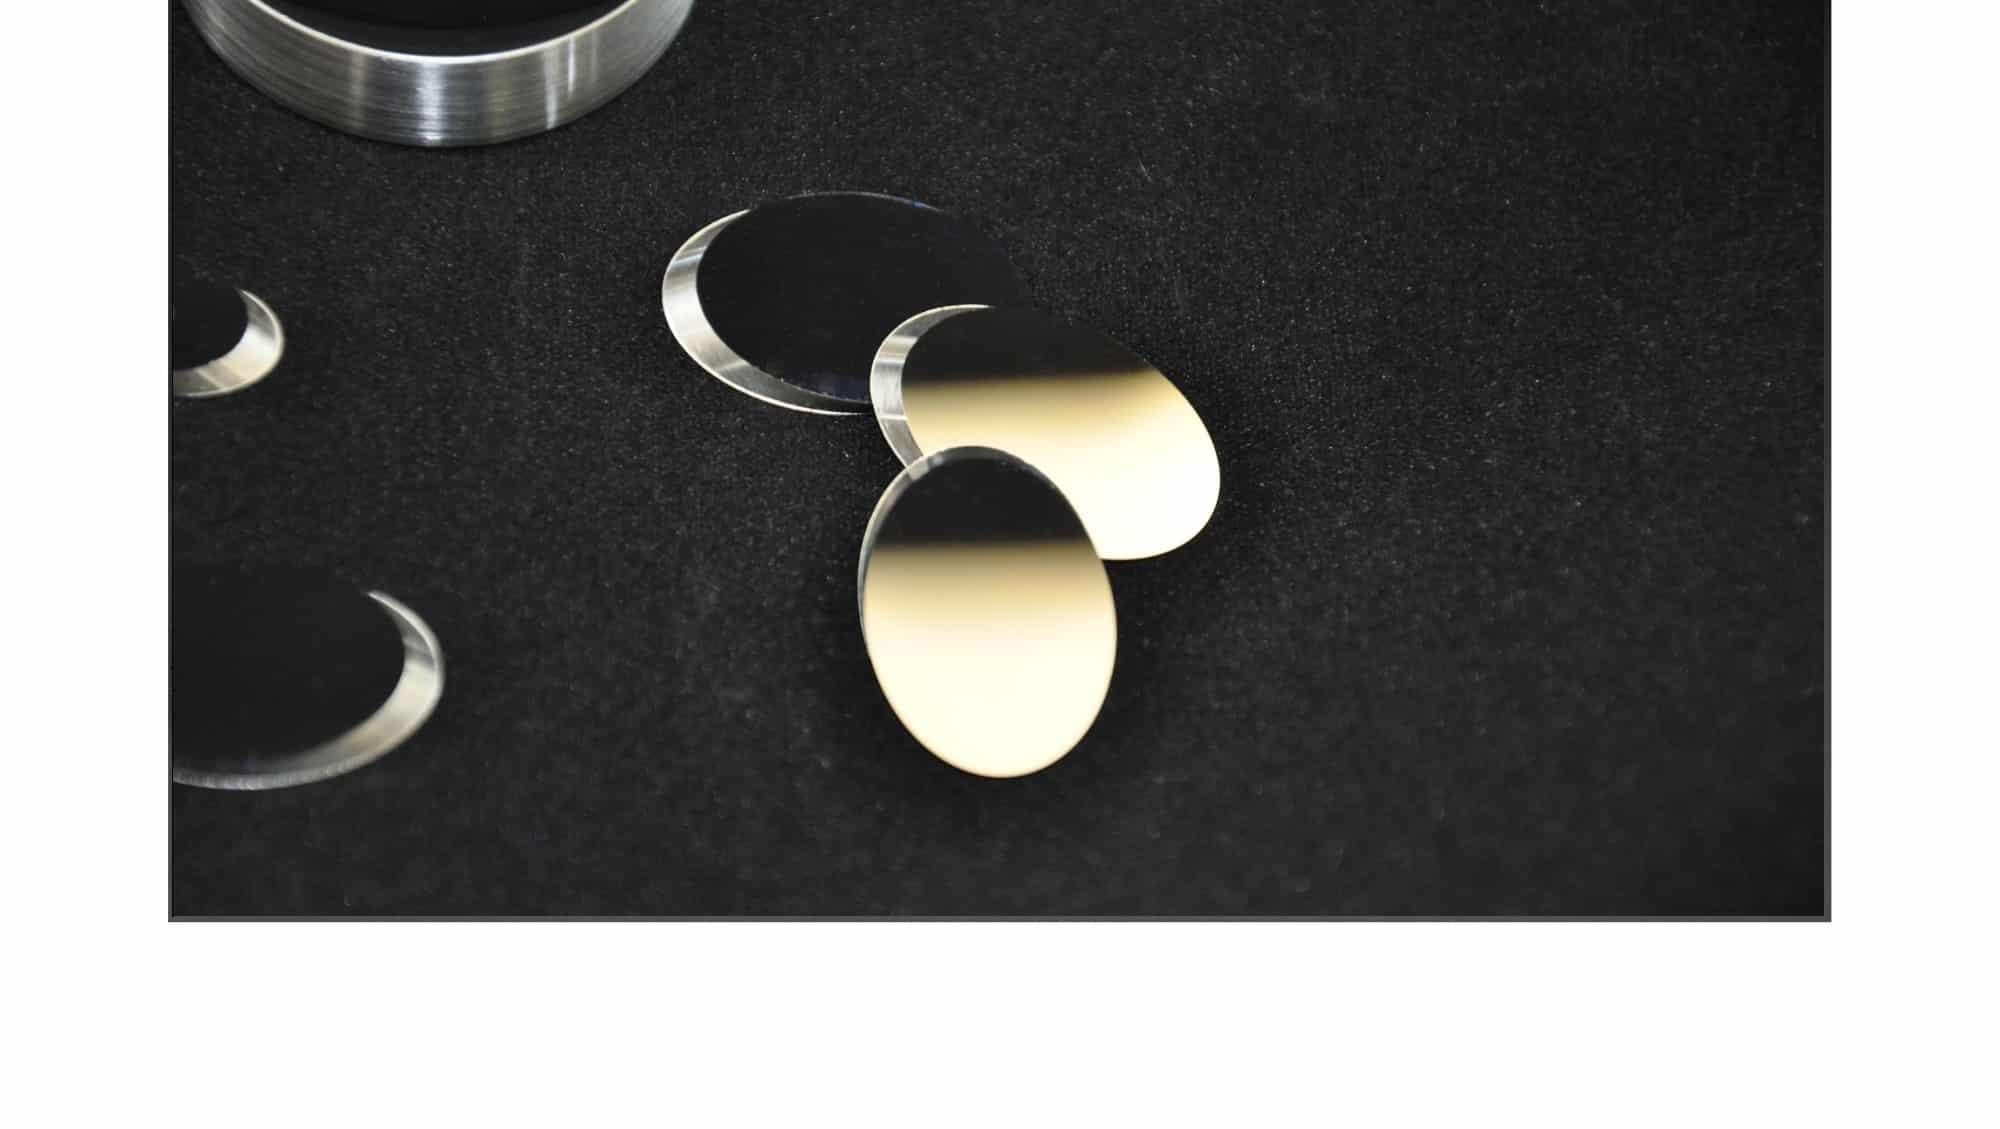 Miroir Inox OTéO - Prisme - Lentilles optique - Lentille optique - Sic 4H - Hublot - Miroir optique - Sic - Silicium - Germanium - Quartz - ZnS - ZnSe - CUW - Cuivre - Mgf2 - Caf2 - BaF2 - Lif - composant optique - Fluorine - Sphériques - Cylindriques – Photométrie - optique de qualité - verre optique - contrôle optique